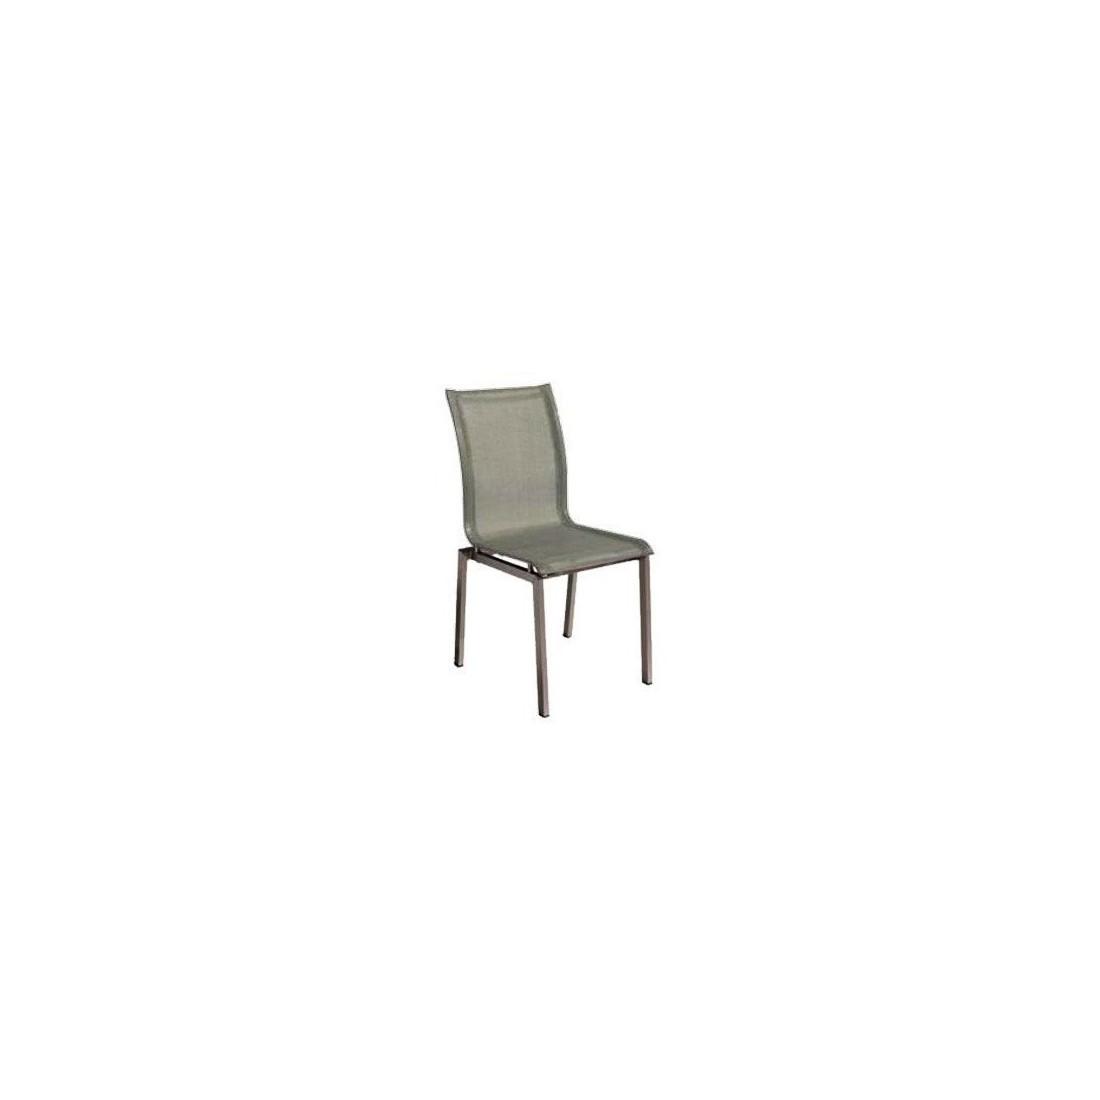 chaise coffee emplilable structure en aluminium et